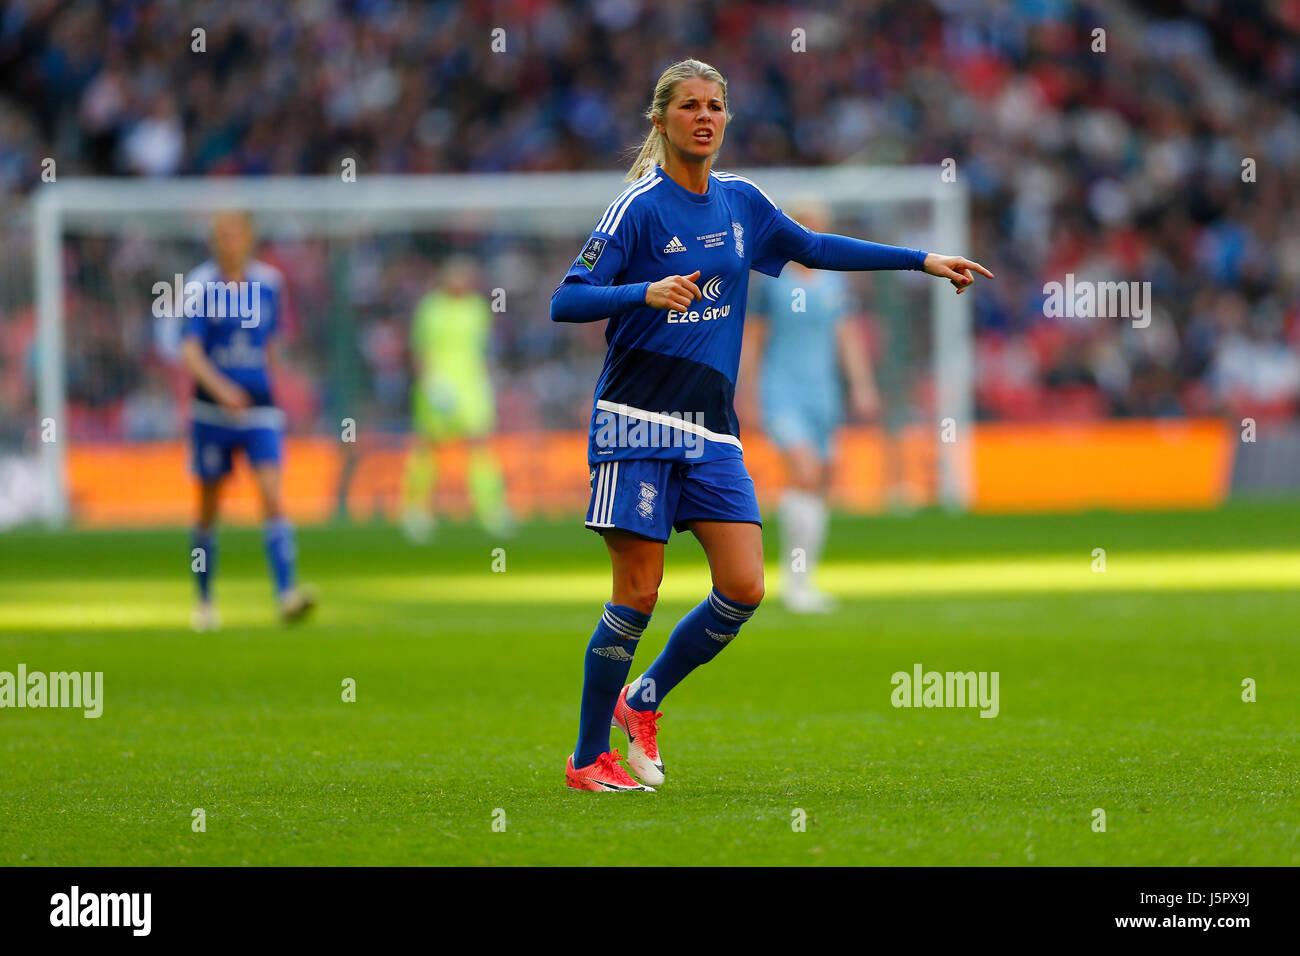 Norwegian midfielder Andrine Hegerberg of Birmingham City midfielder during the SSE Women's FA Cup Final match - Stock Image